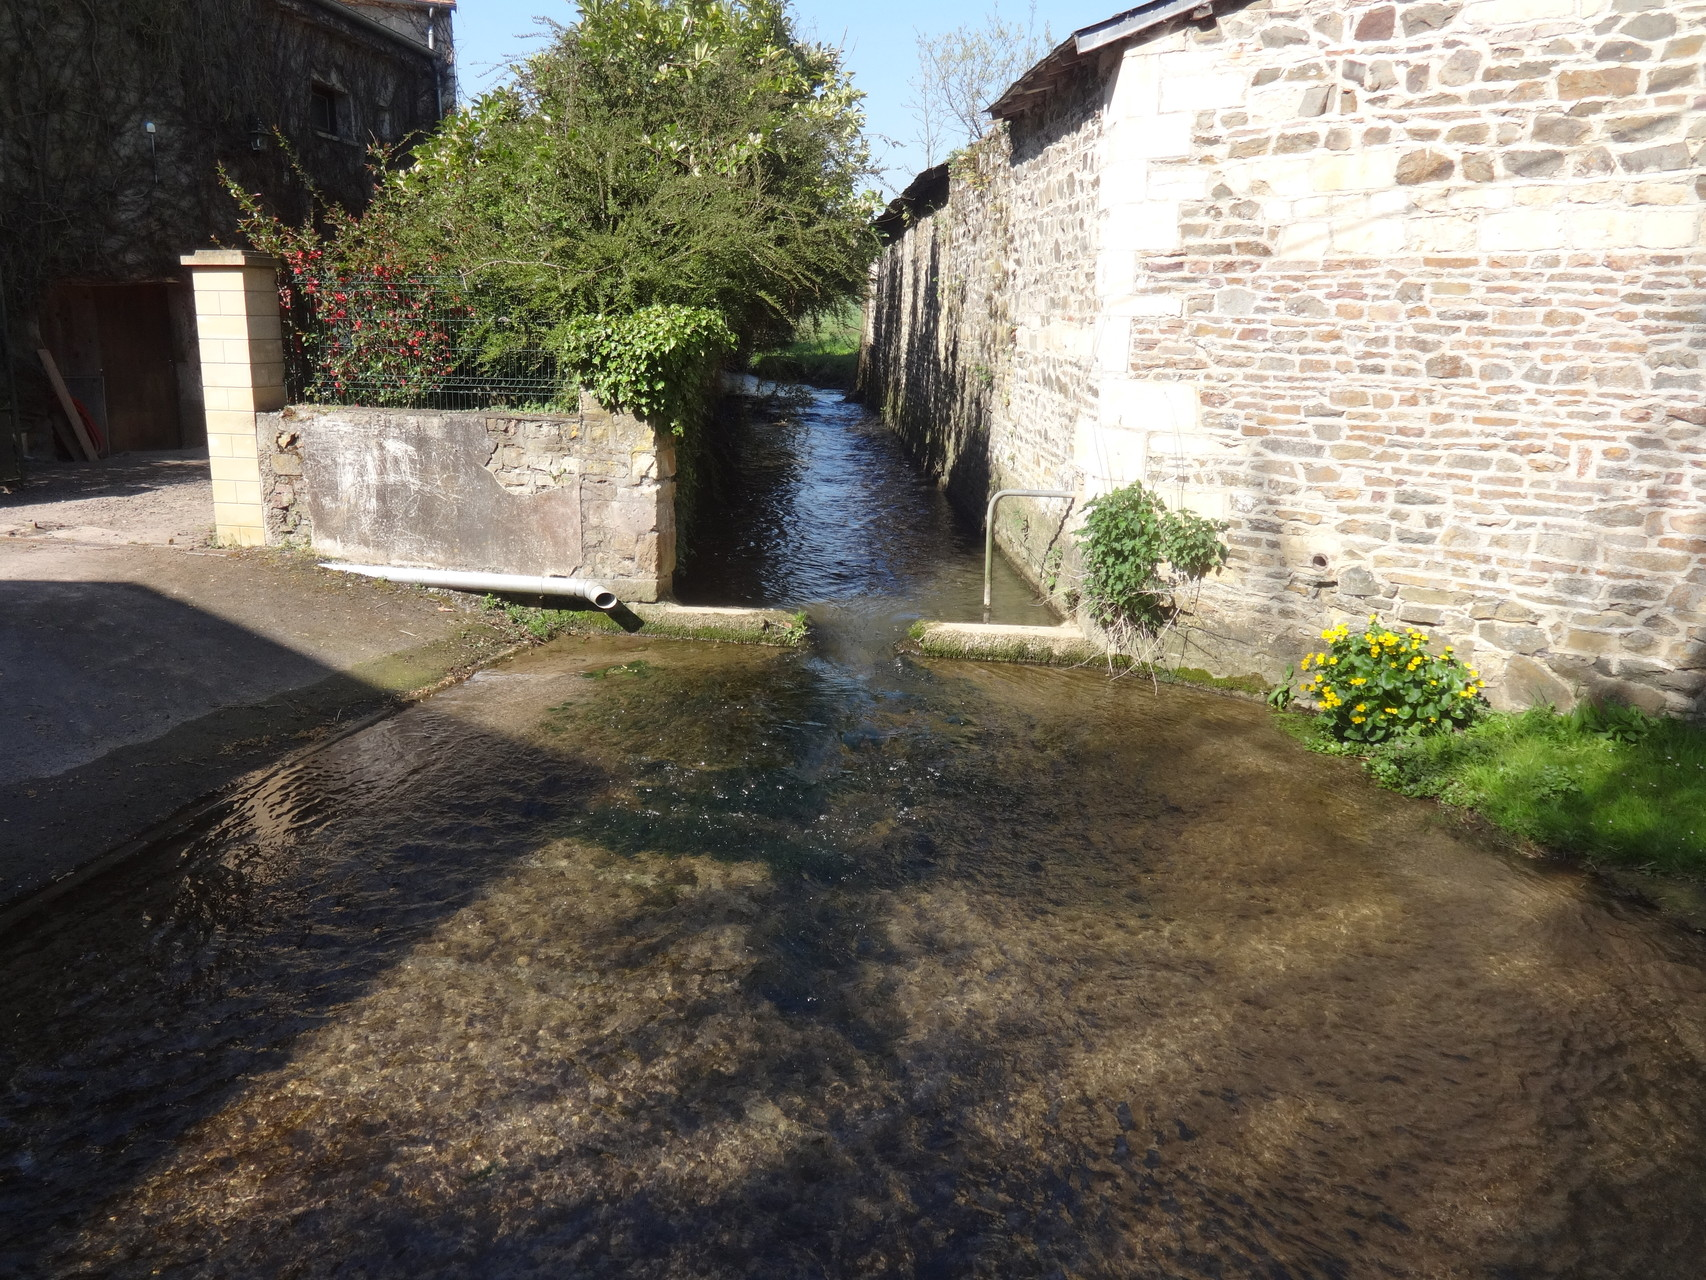 Entre le bas de Vieux et Amayé ... quand la rivière traverse la route !